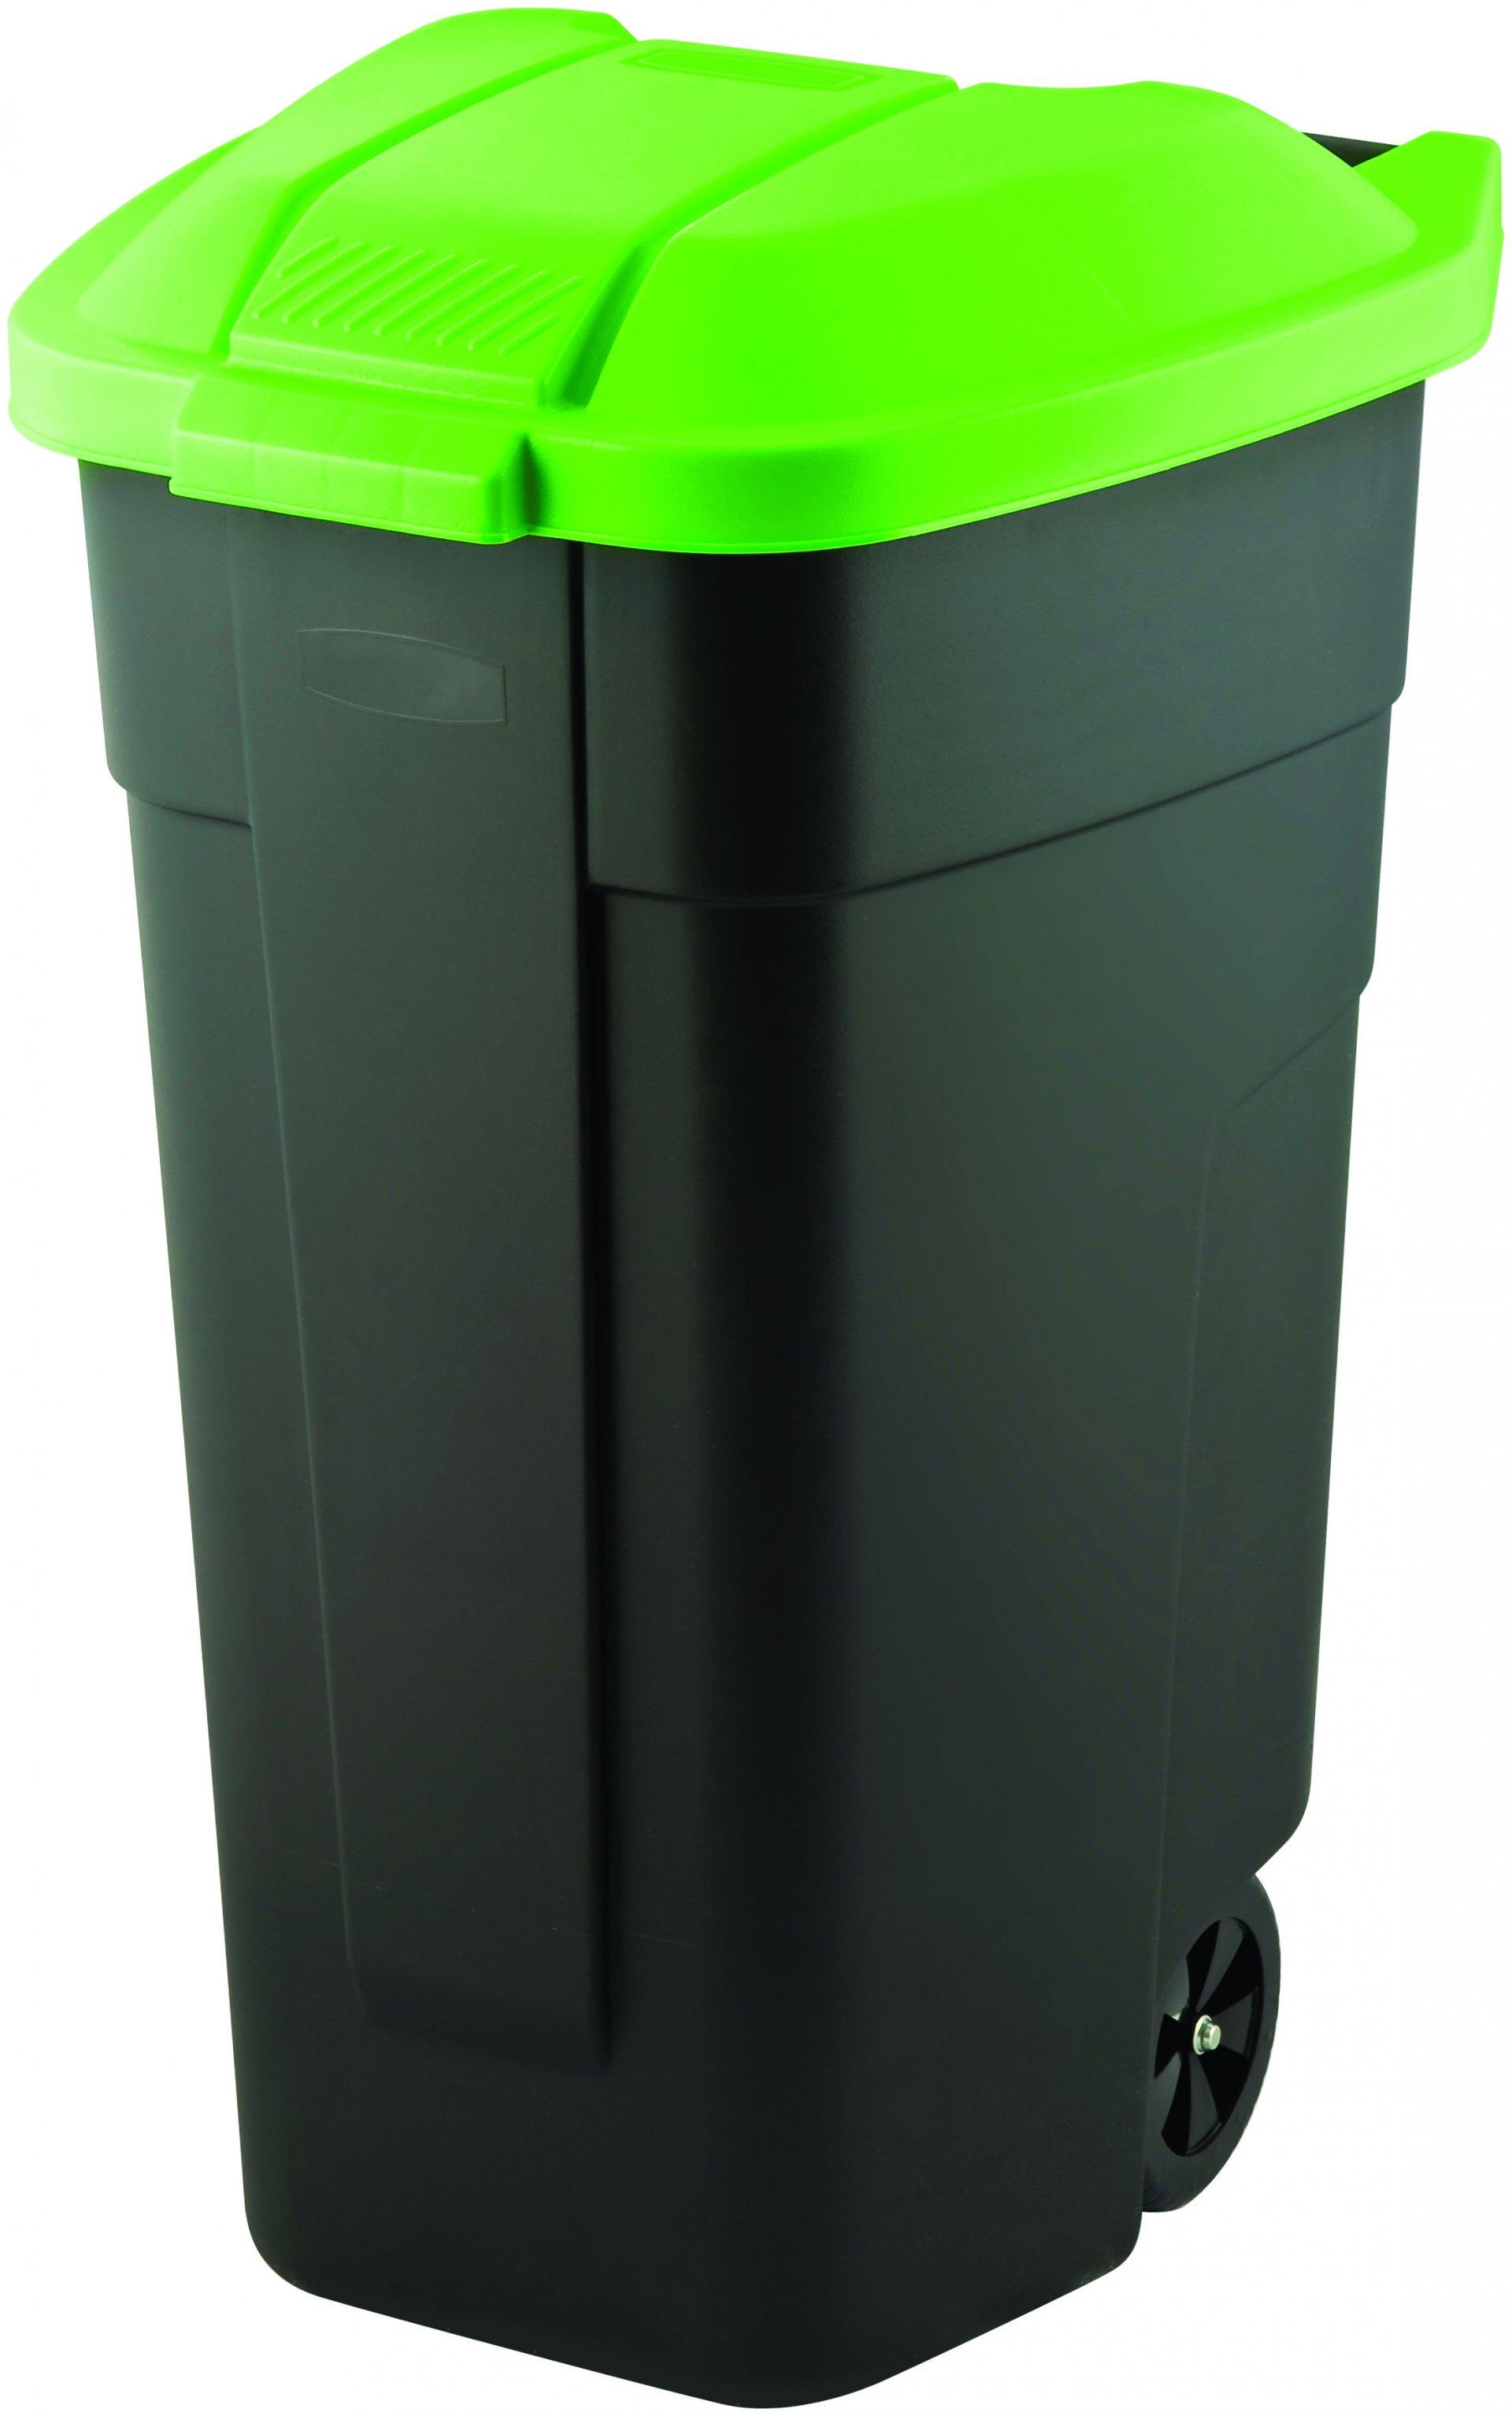 Curver popelnice, černá/zelená, 110l